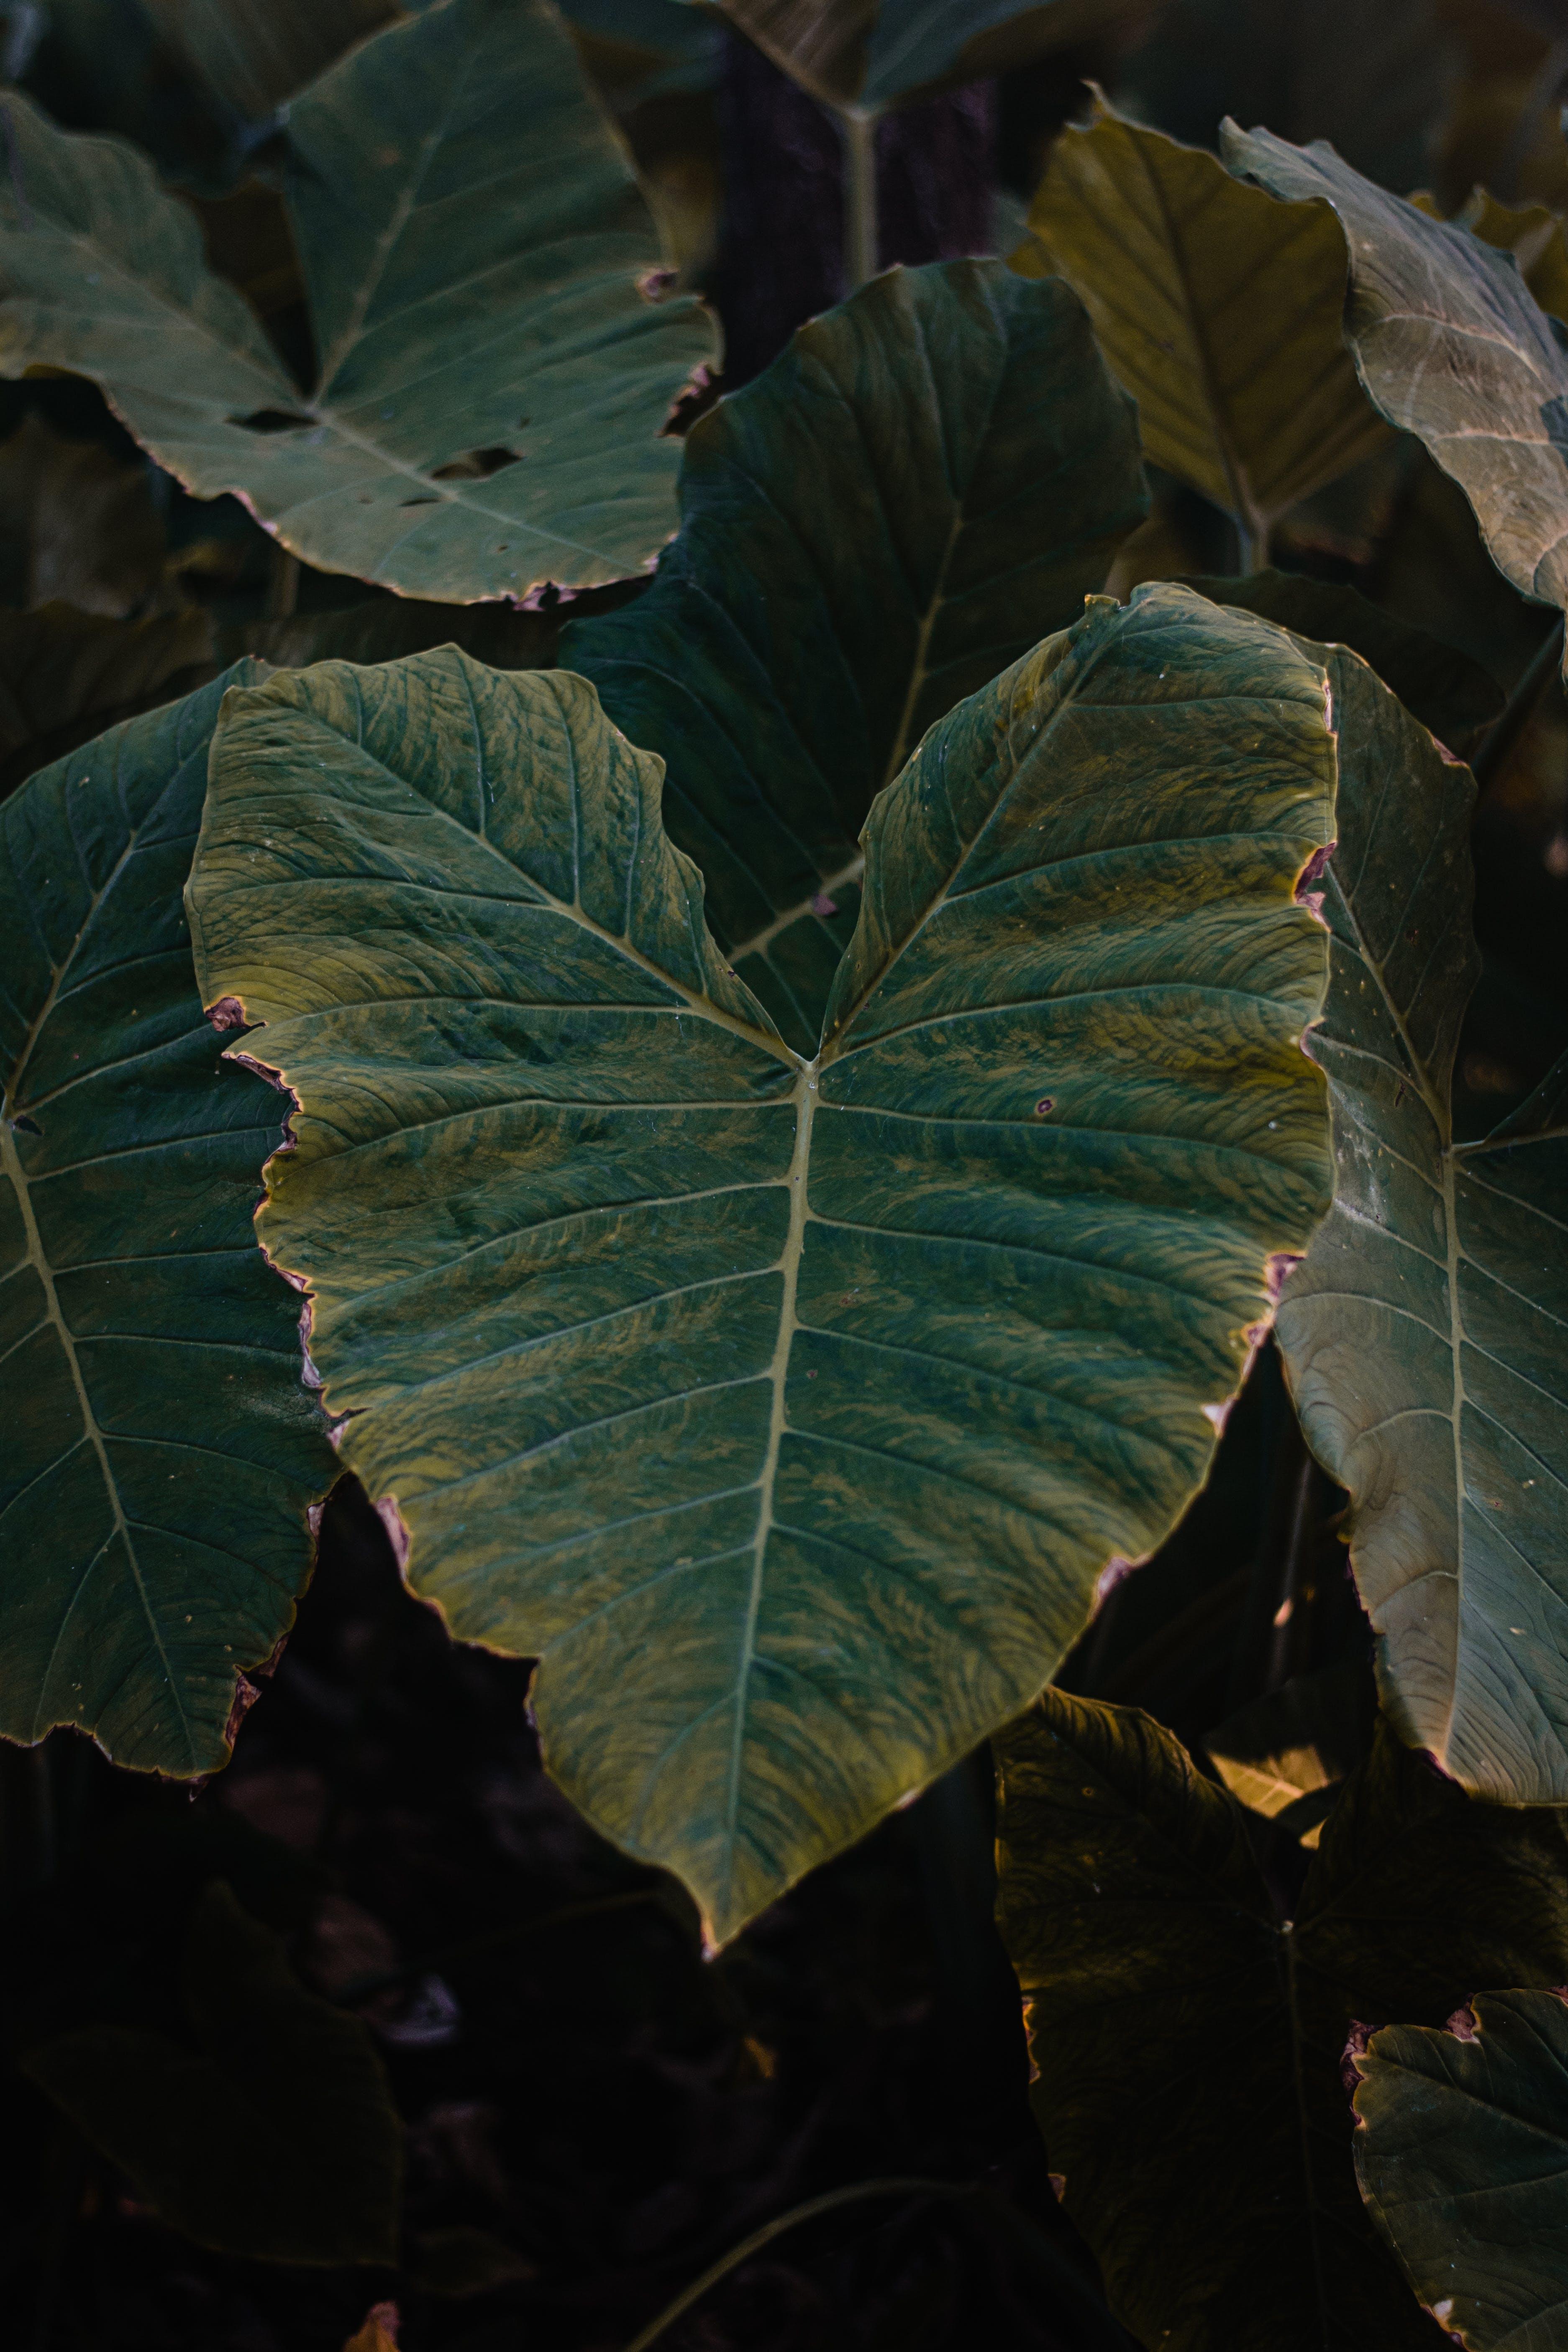 ダークグリーンの植物, 成長, 明るい, 植物の無料の写真素材